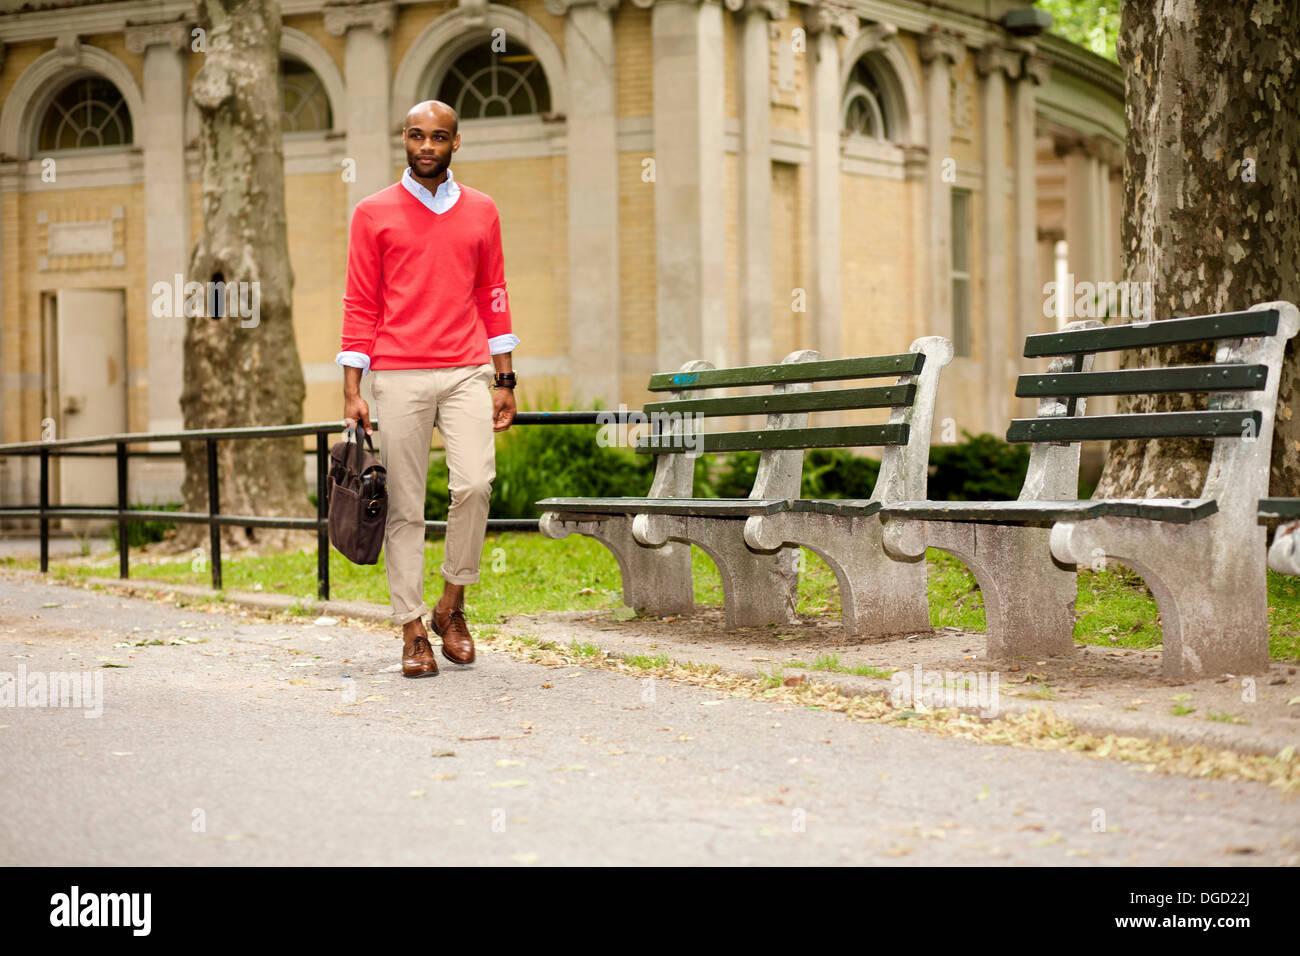 Giovane uomo che porta nella valigetta attraverso park Immagini Stock